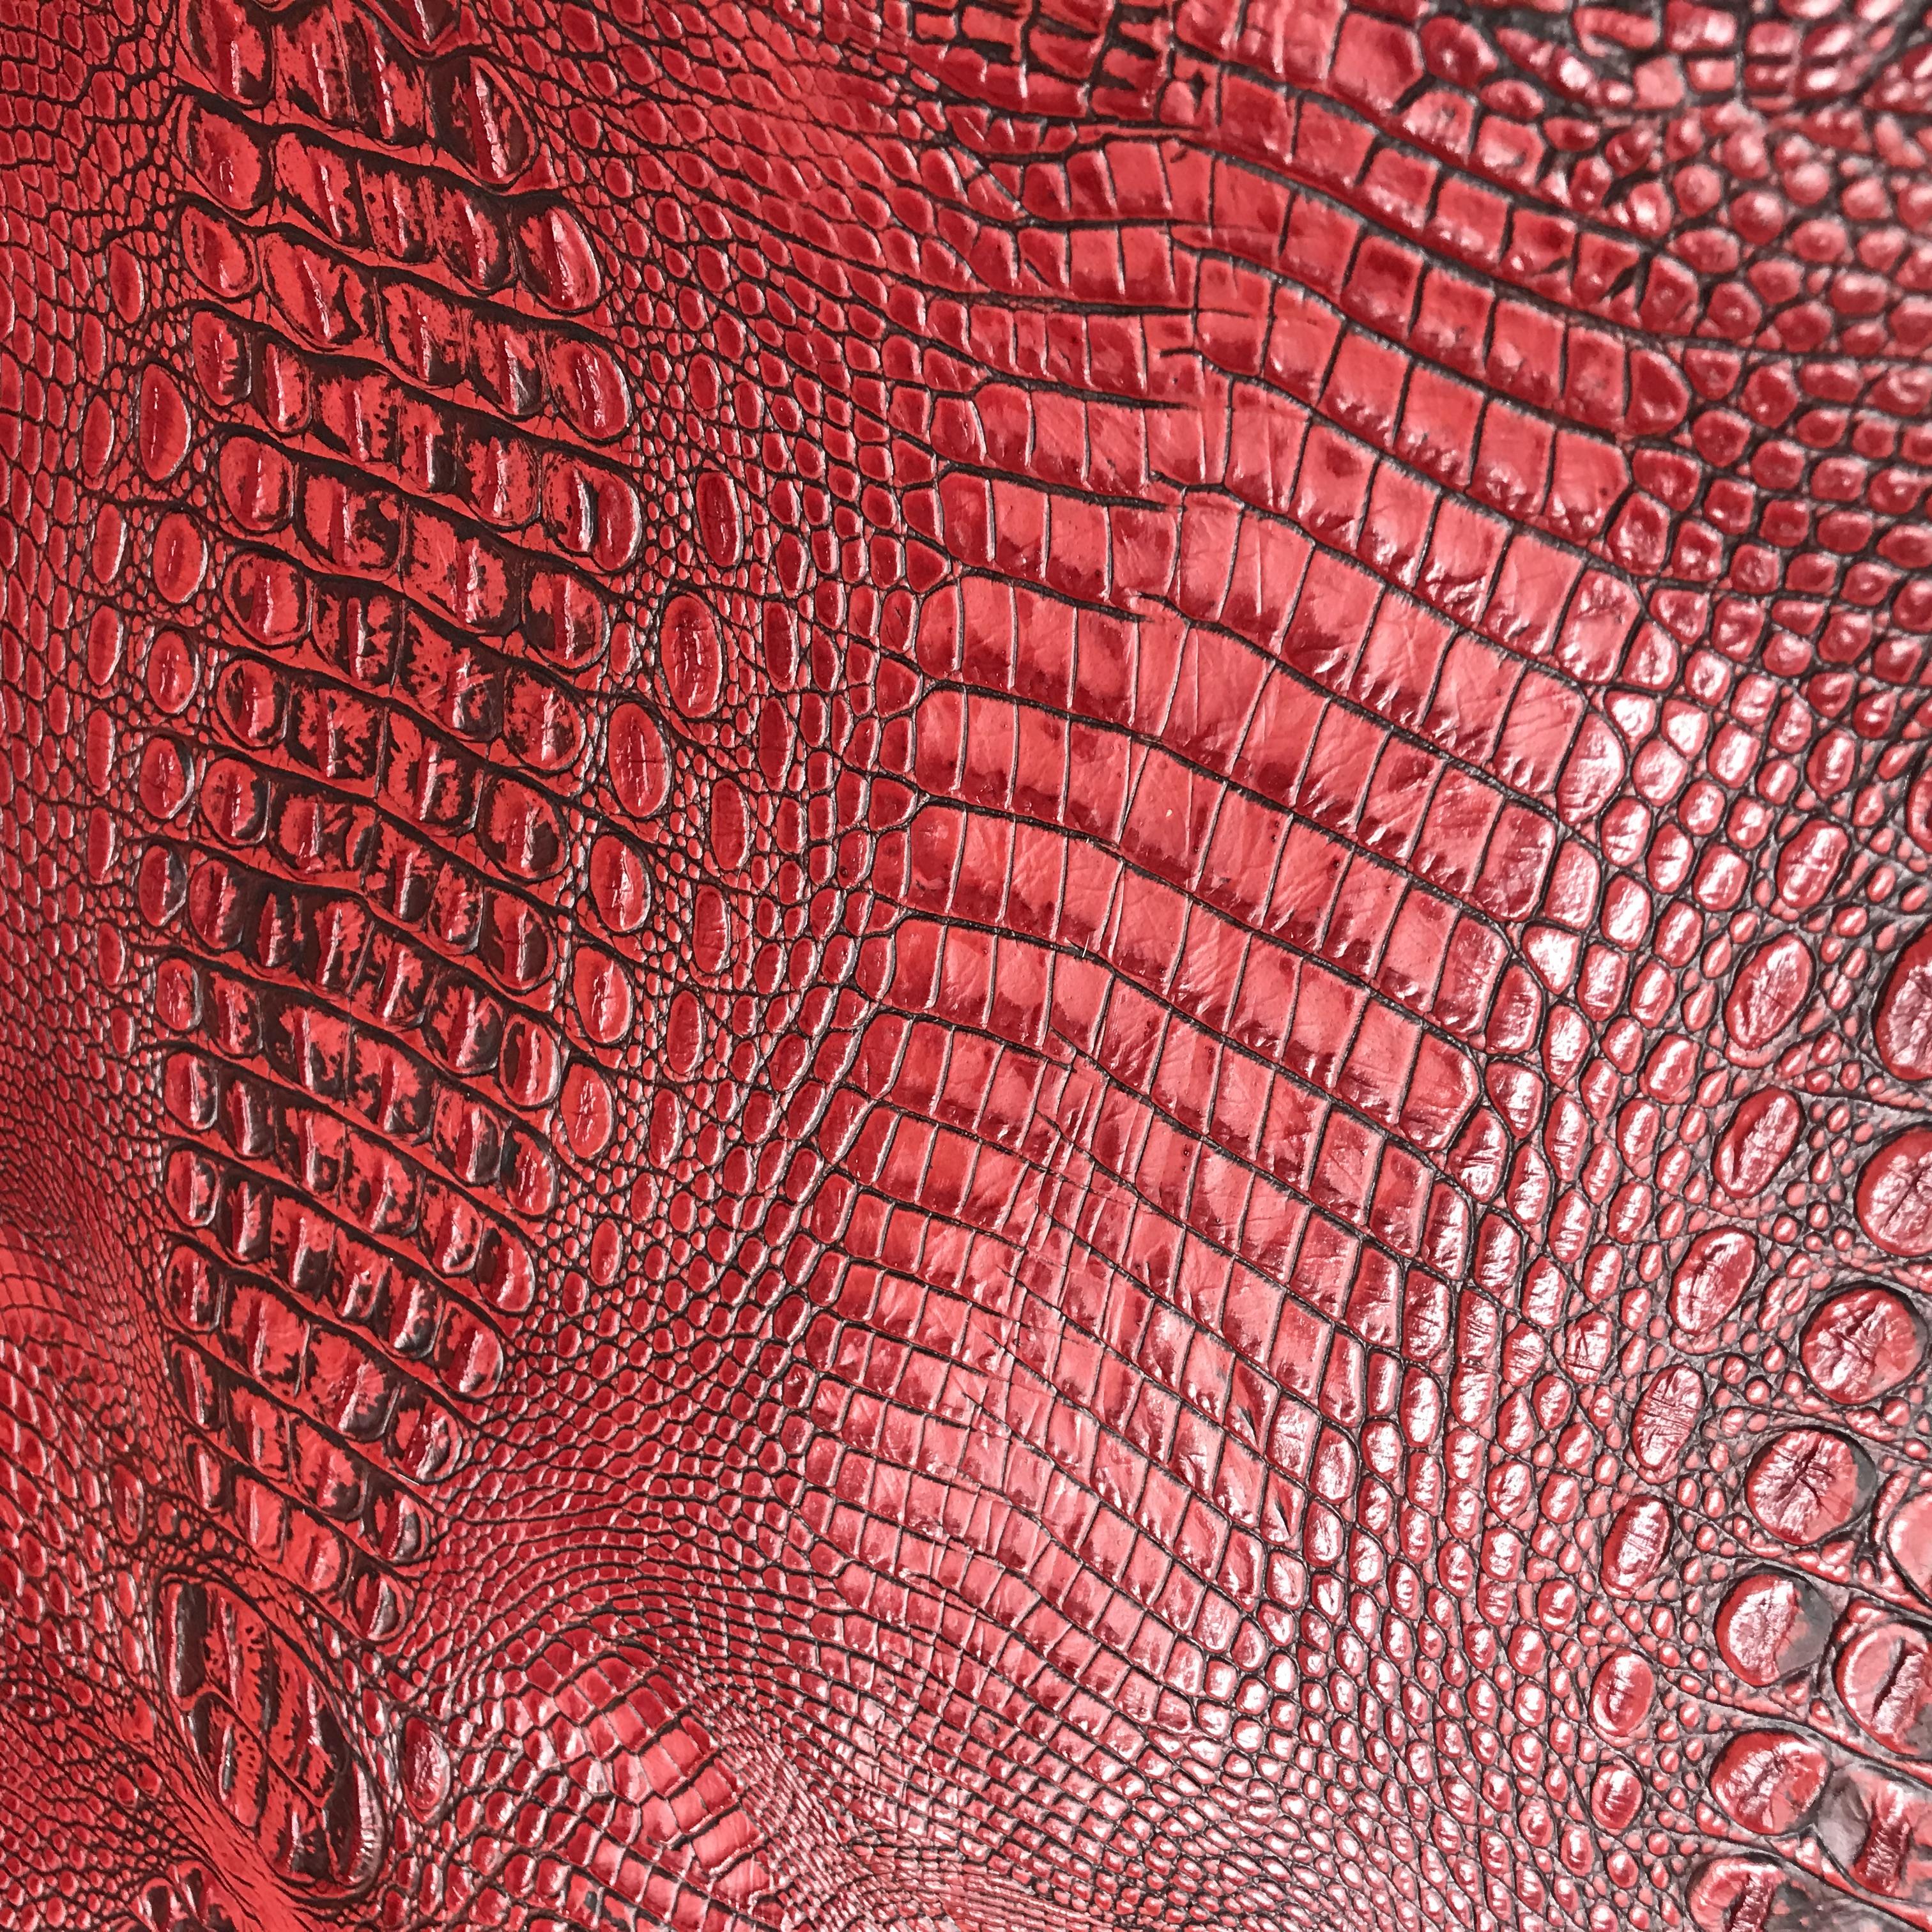 Red Gator